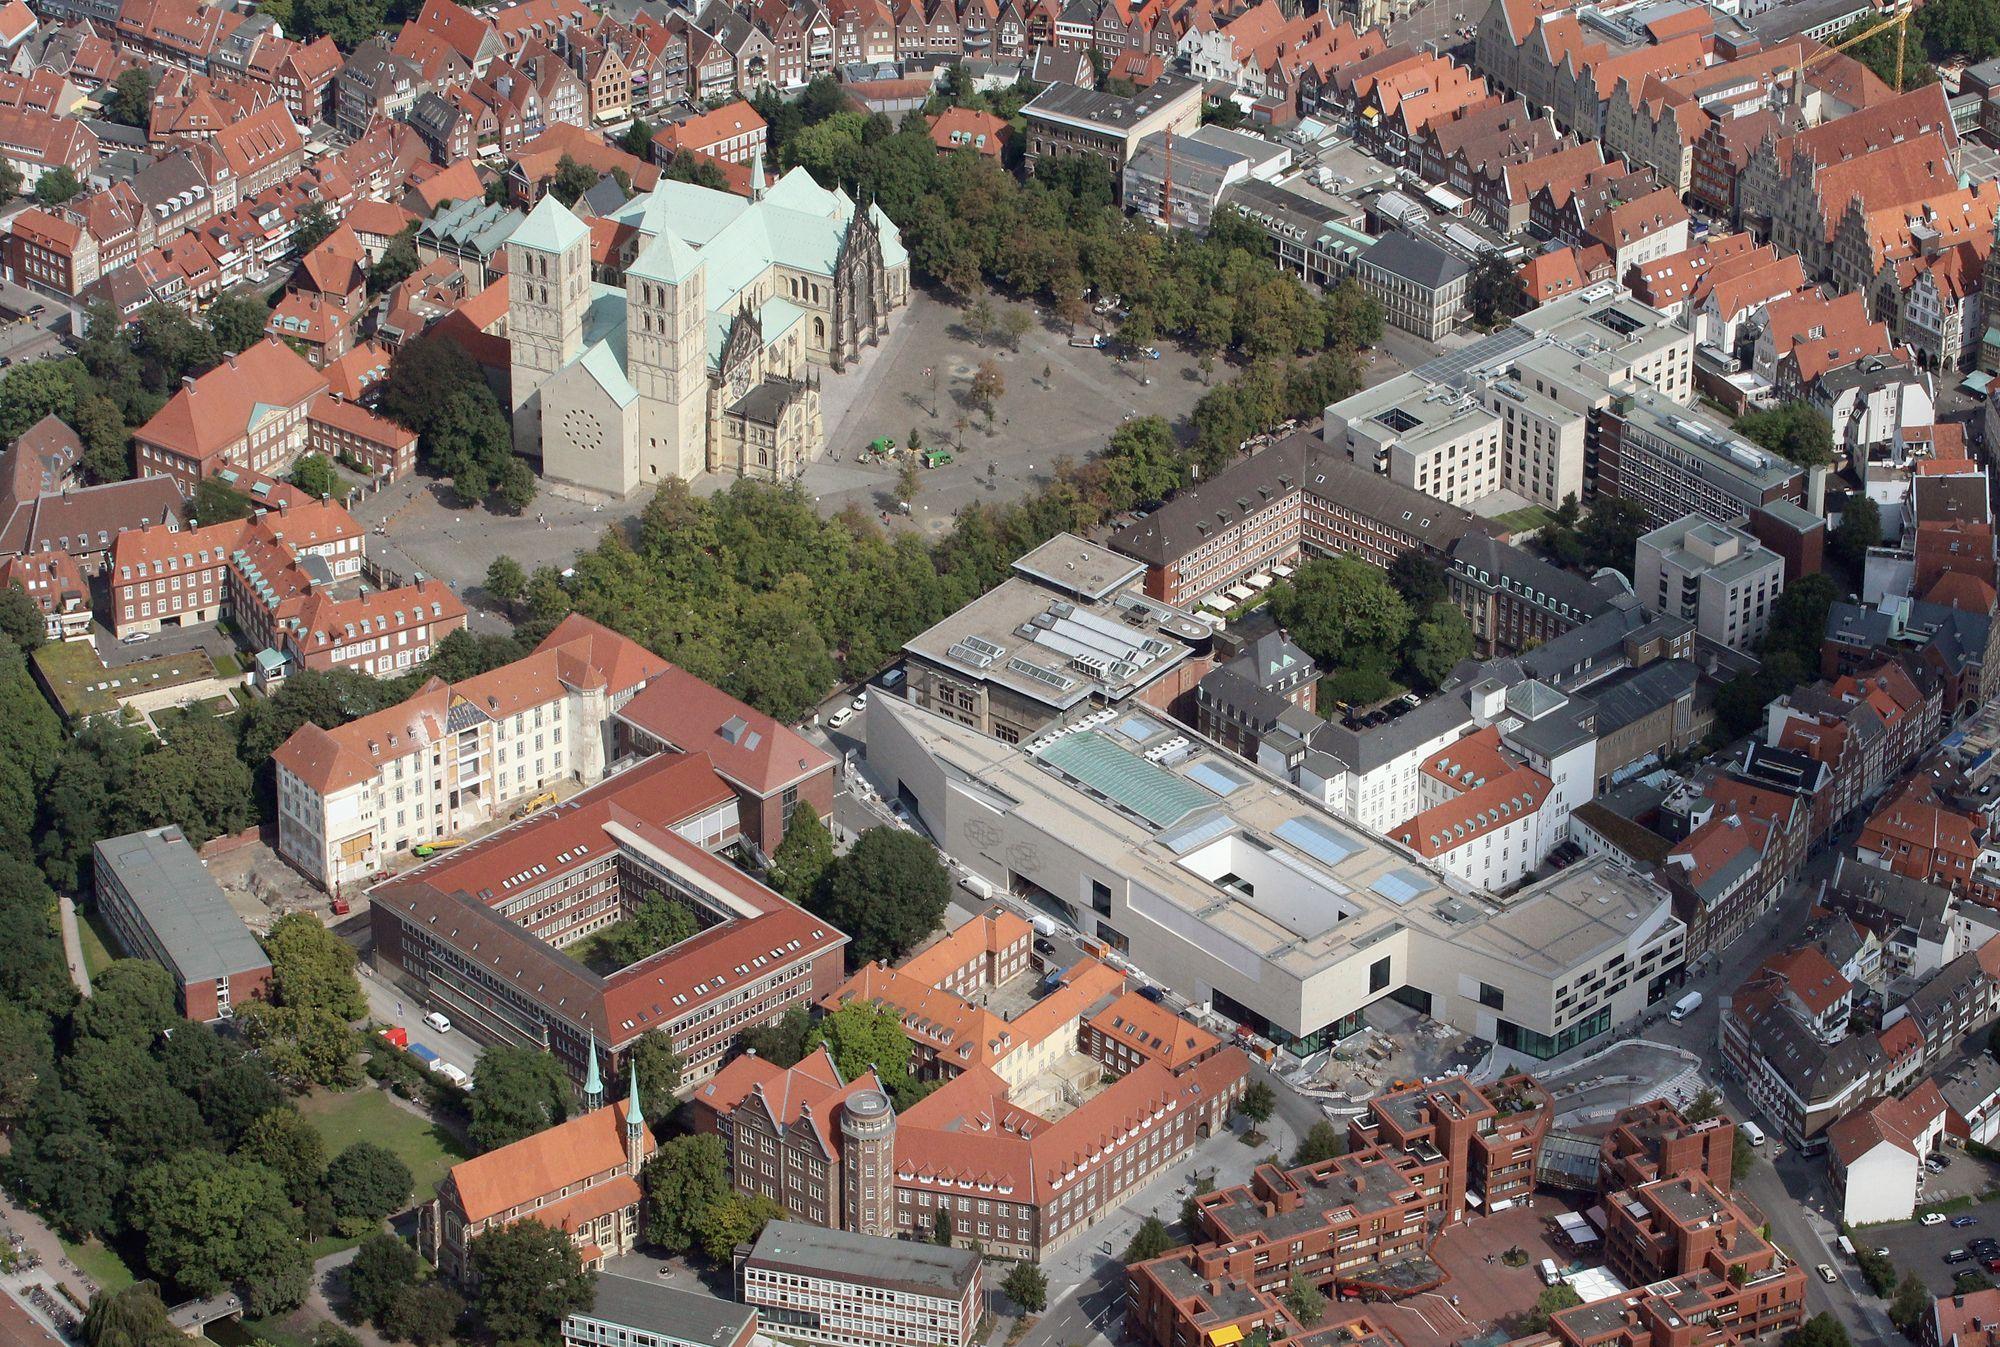 Luftbild Bollmann-Bildkarten-Verlag Braunschweig